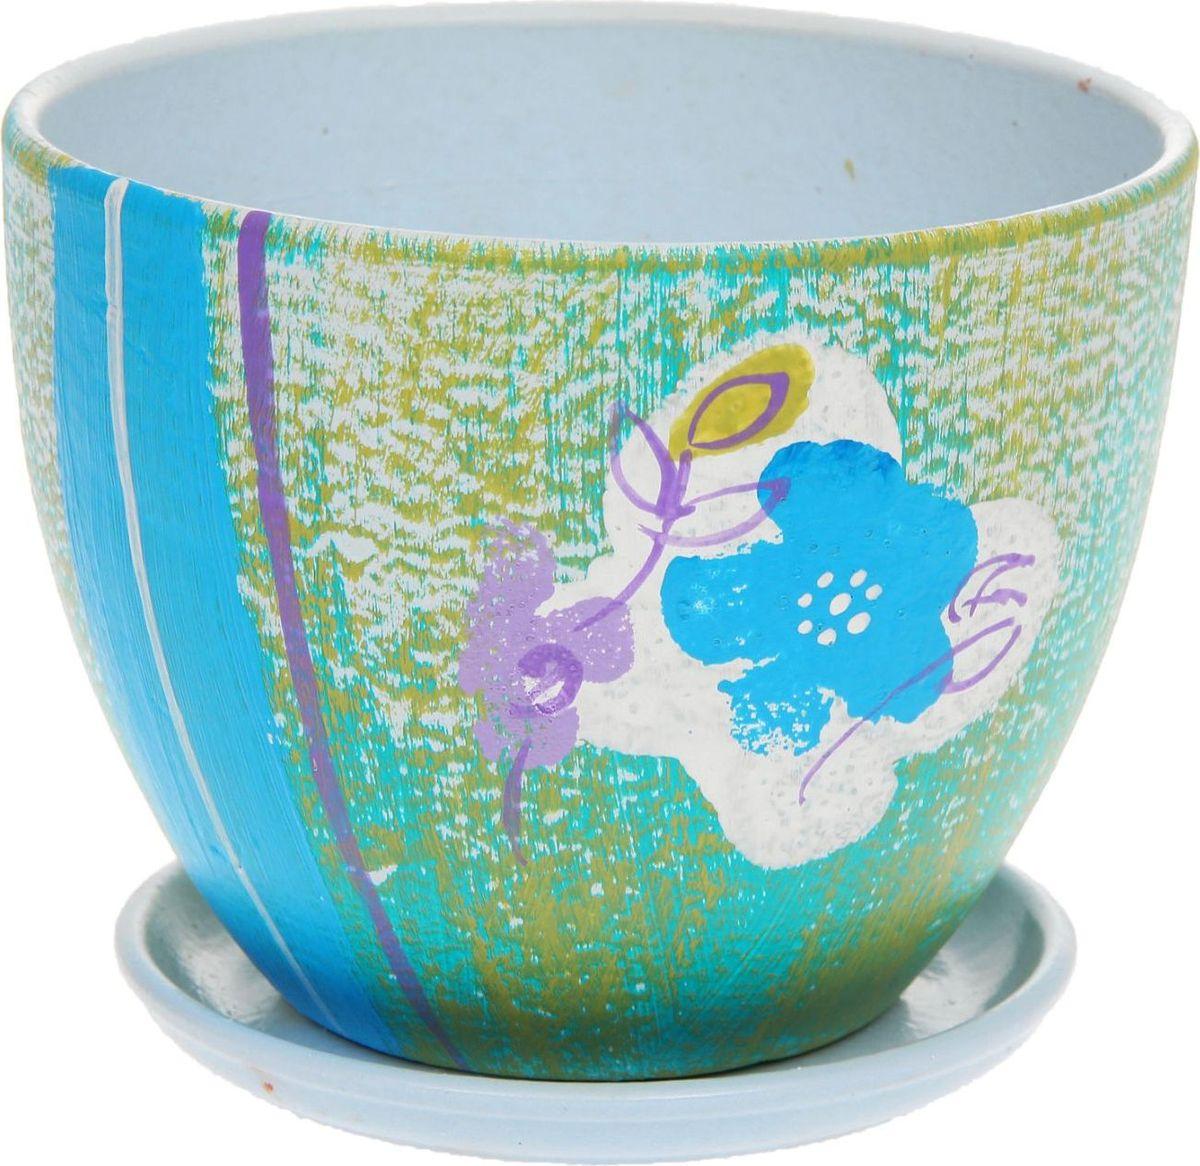 Кашпо Загадка, цвет: голубой, 1,1 л1138589Комнатные растения — всеобщие любимцы. Они радуют глаз, насыщают помещение кислородом и украшают пространство. Каждому из них необходим свой удобный и красивый дом. Кашпо из керамики прекрасно подходят для высадки растений: за счет пластичности глины и разных способов обработки существует великое множество форм и дизайнов пористый материал позволяет испаряться лишней влаге воздух, необходимый для дыхания корней, проникает сквозь керамические стенки! позаботится о зеленом питомце, освежит интерьер и подчеркнет его стиль.